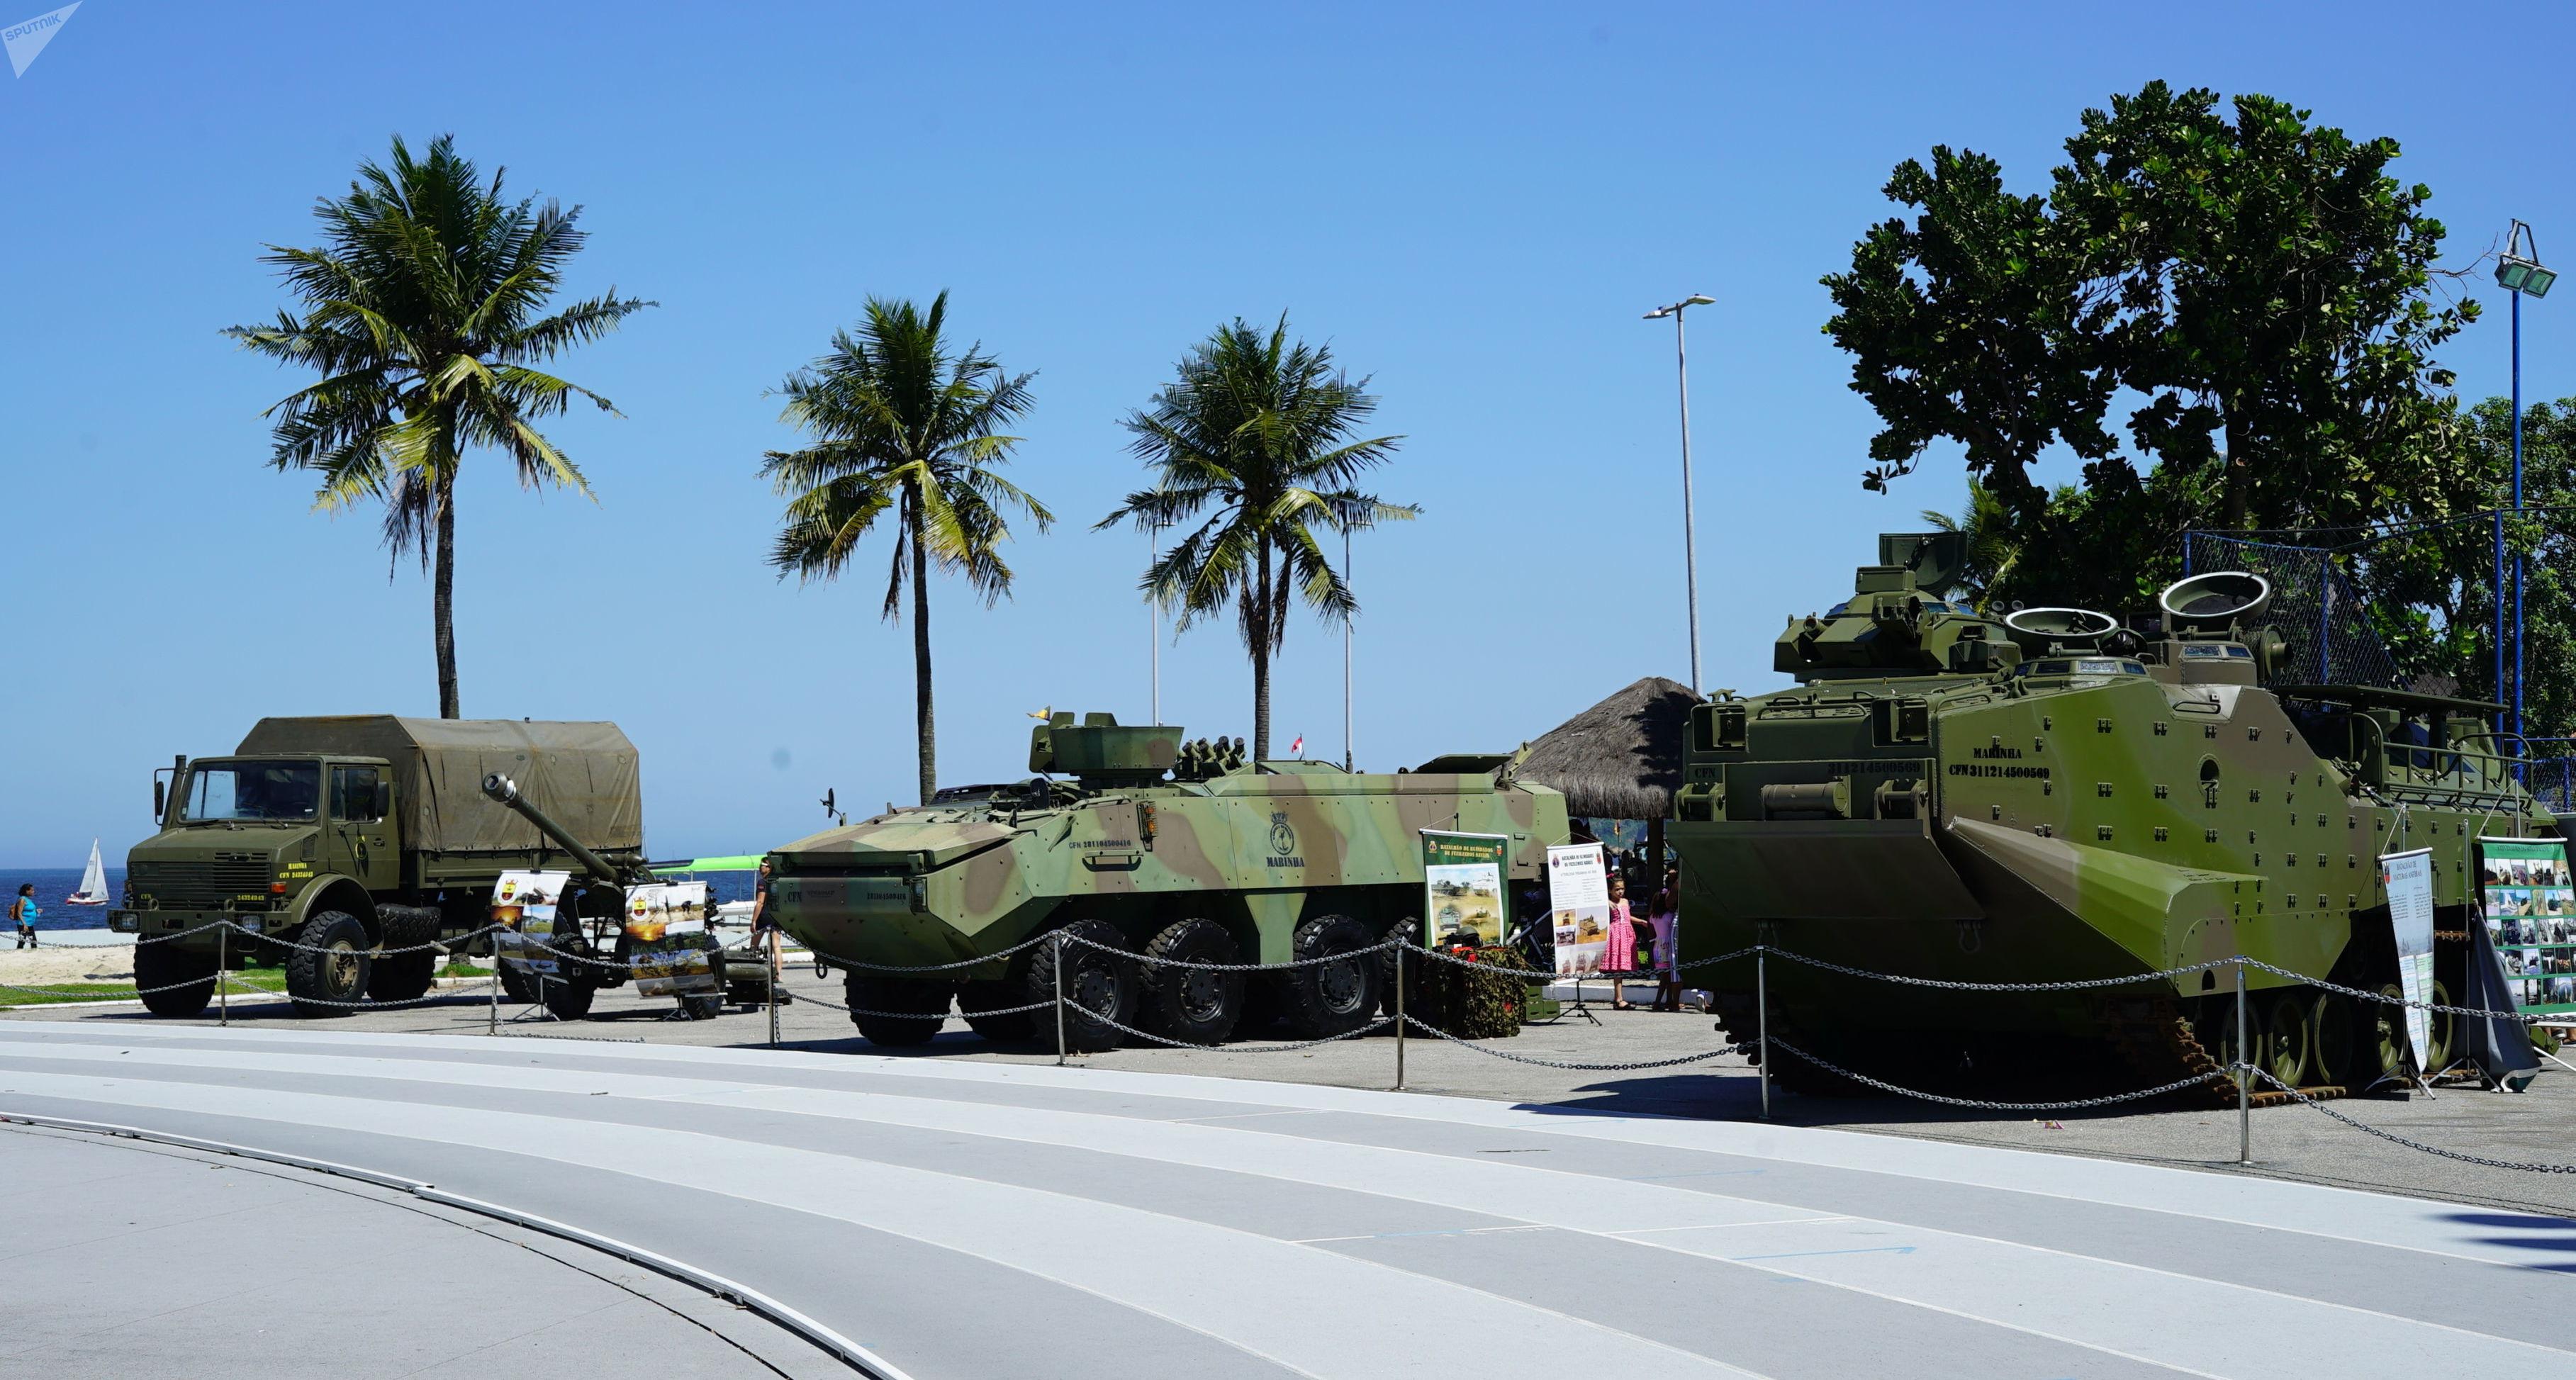 Veículos militares em exposição na Escola Naval da Marinha do Brasil, no Rio de Janeiro